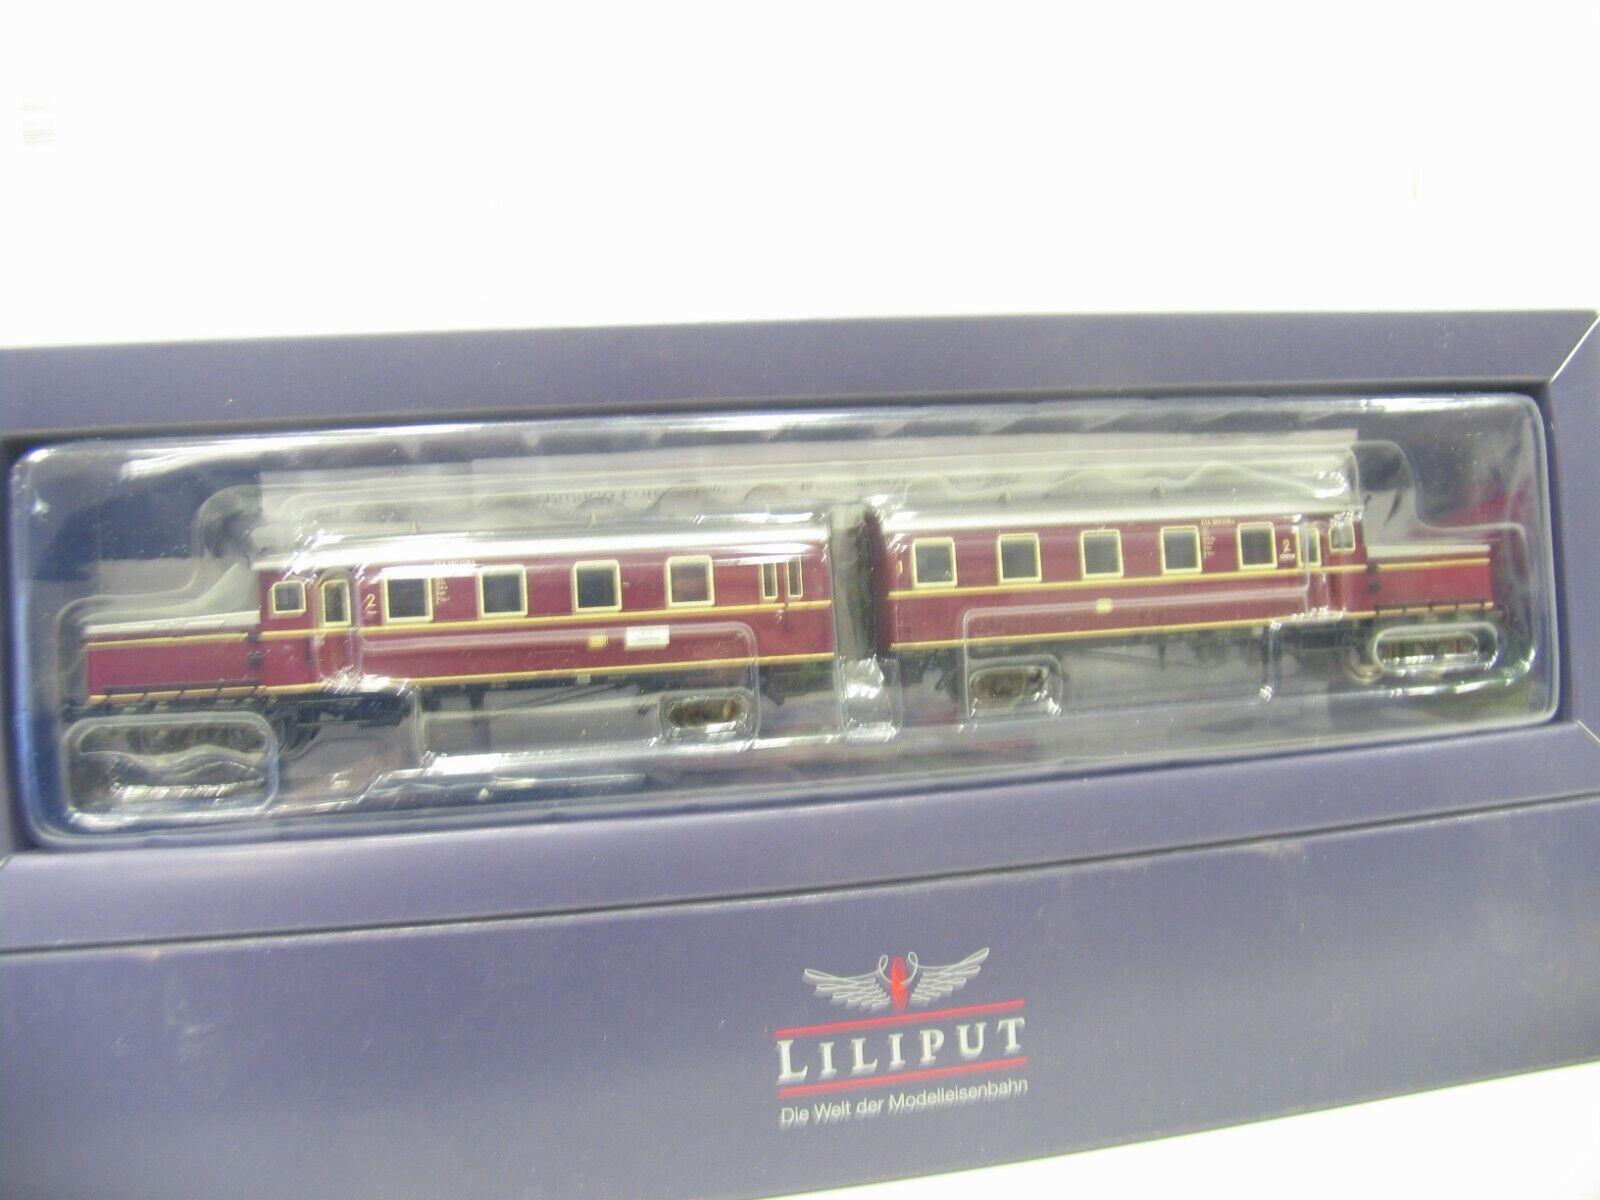 Liliput l133502 l133502 l133502 locomotora de baterías ETA ETA 180 dB wm810 rojo 4c0